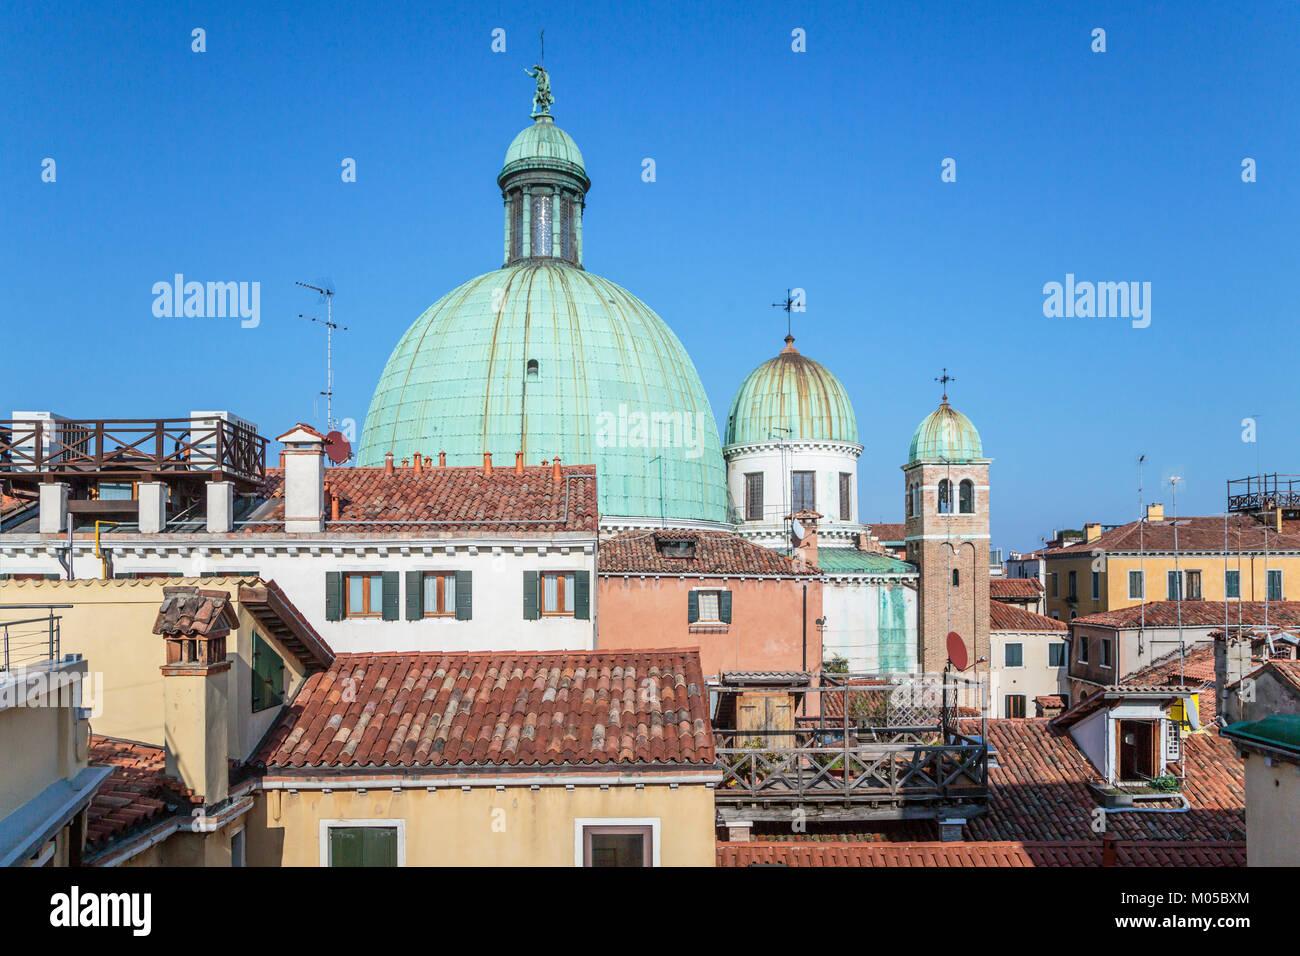 Les dômes de l'église de l'église de San Simeone Piccolo le long du Grand Canal en Vénétie, Photo Stock